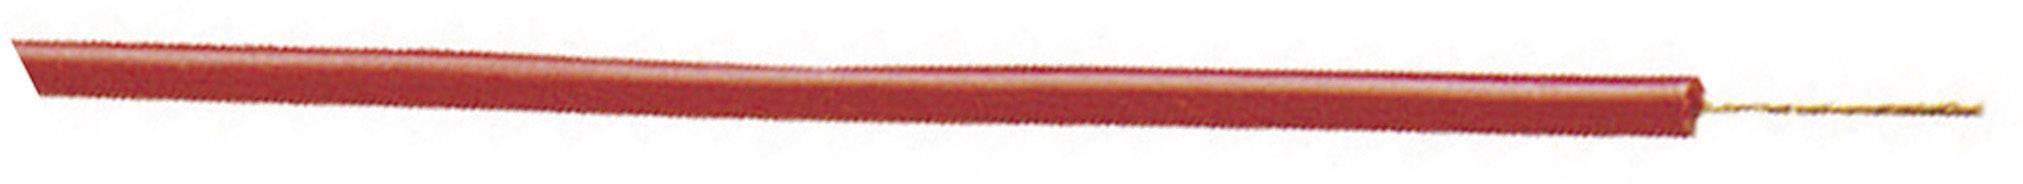 Opletenie / lanko Stäubli 61.7551-10024 SILI-E, 1 x 0.25 mm², vonkajší Ø 1.70 mm, metrový tovar, žltá